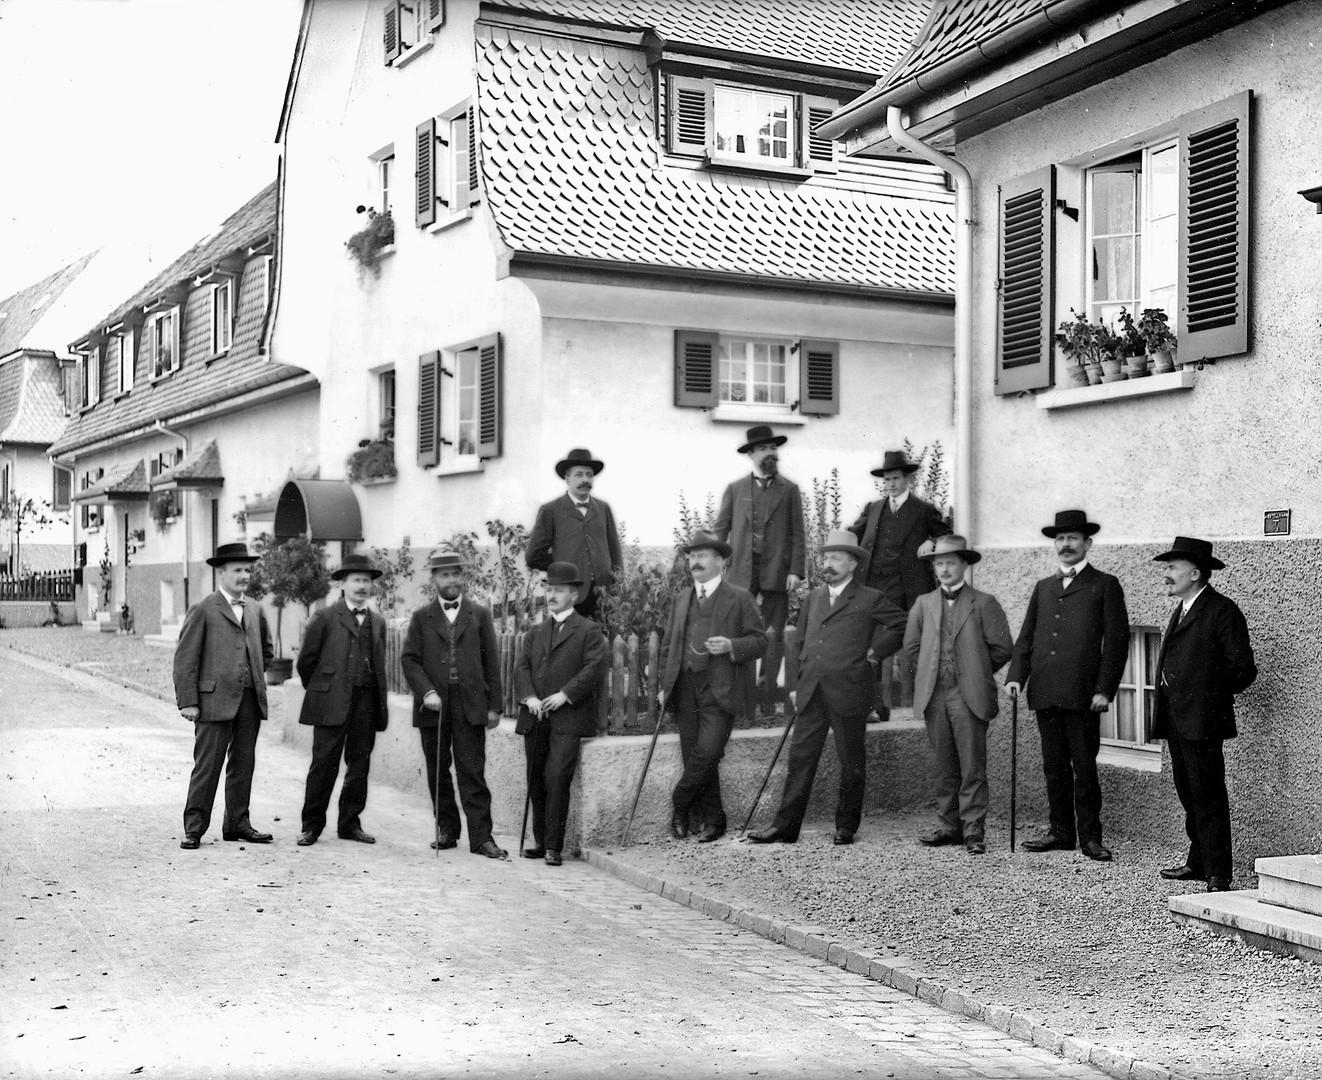 2009 03. 11. Foto Archiv EBG St.Gallen.